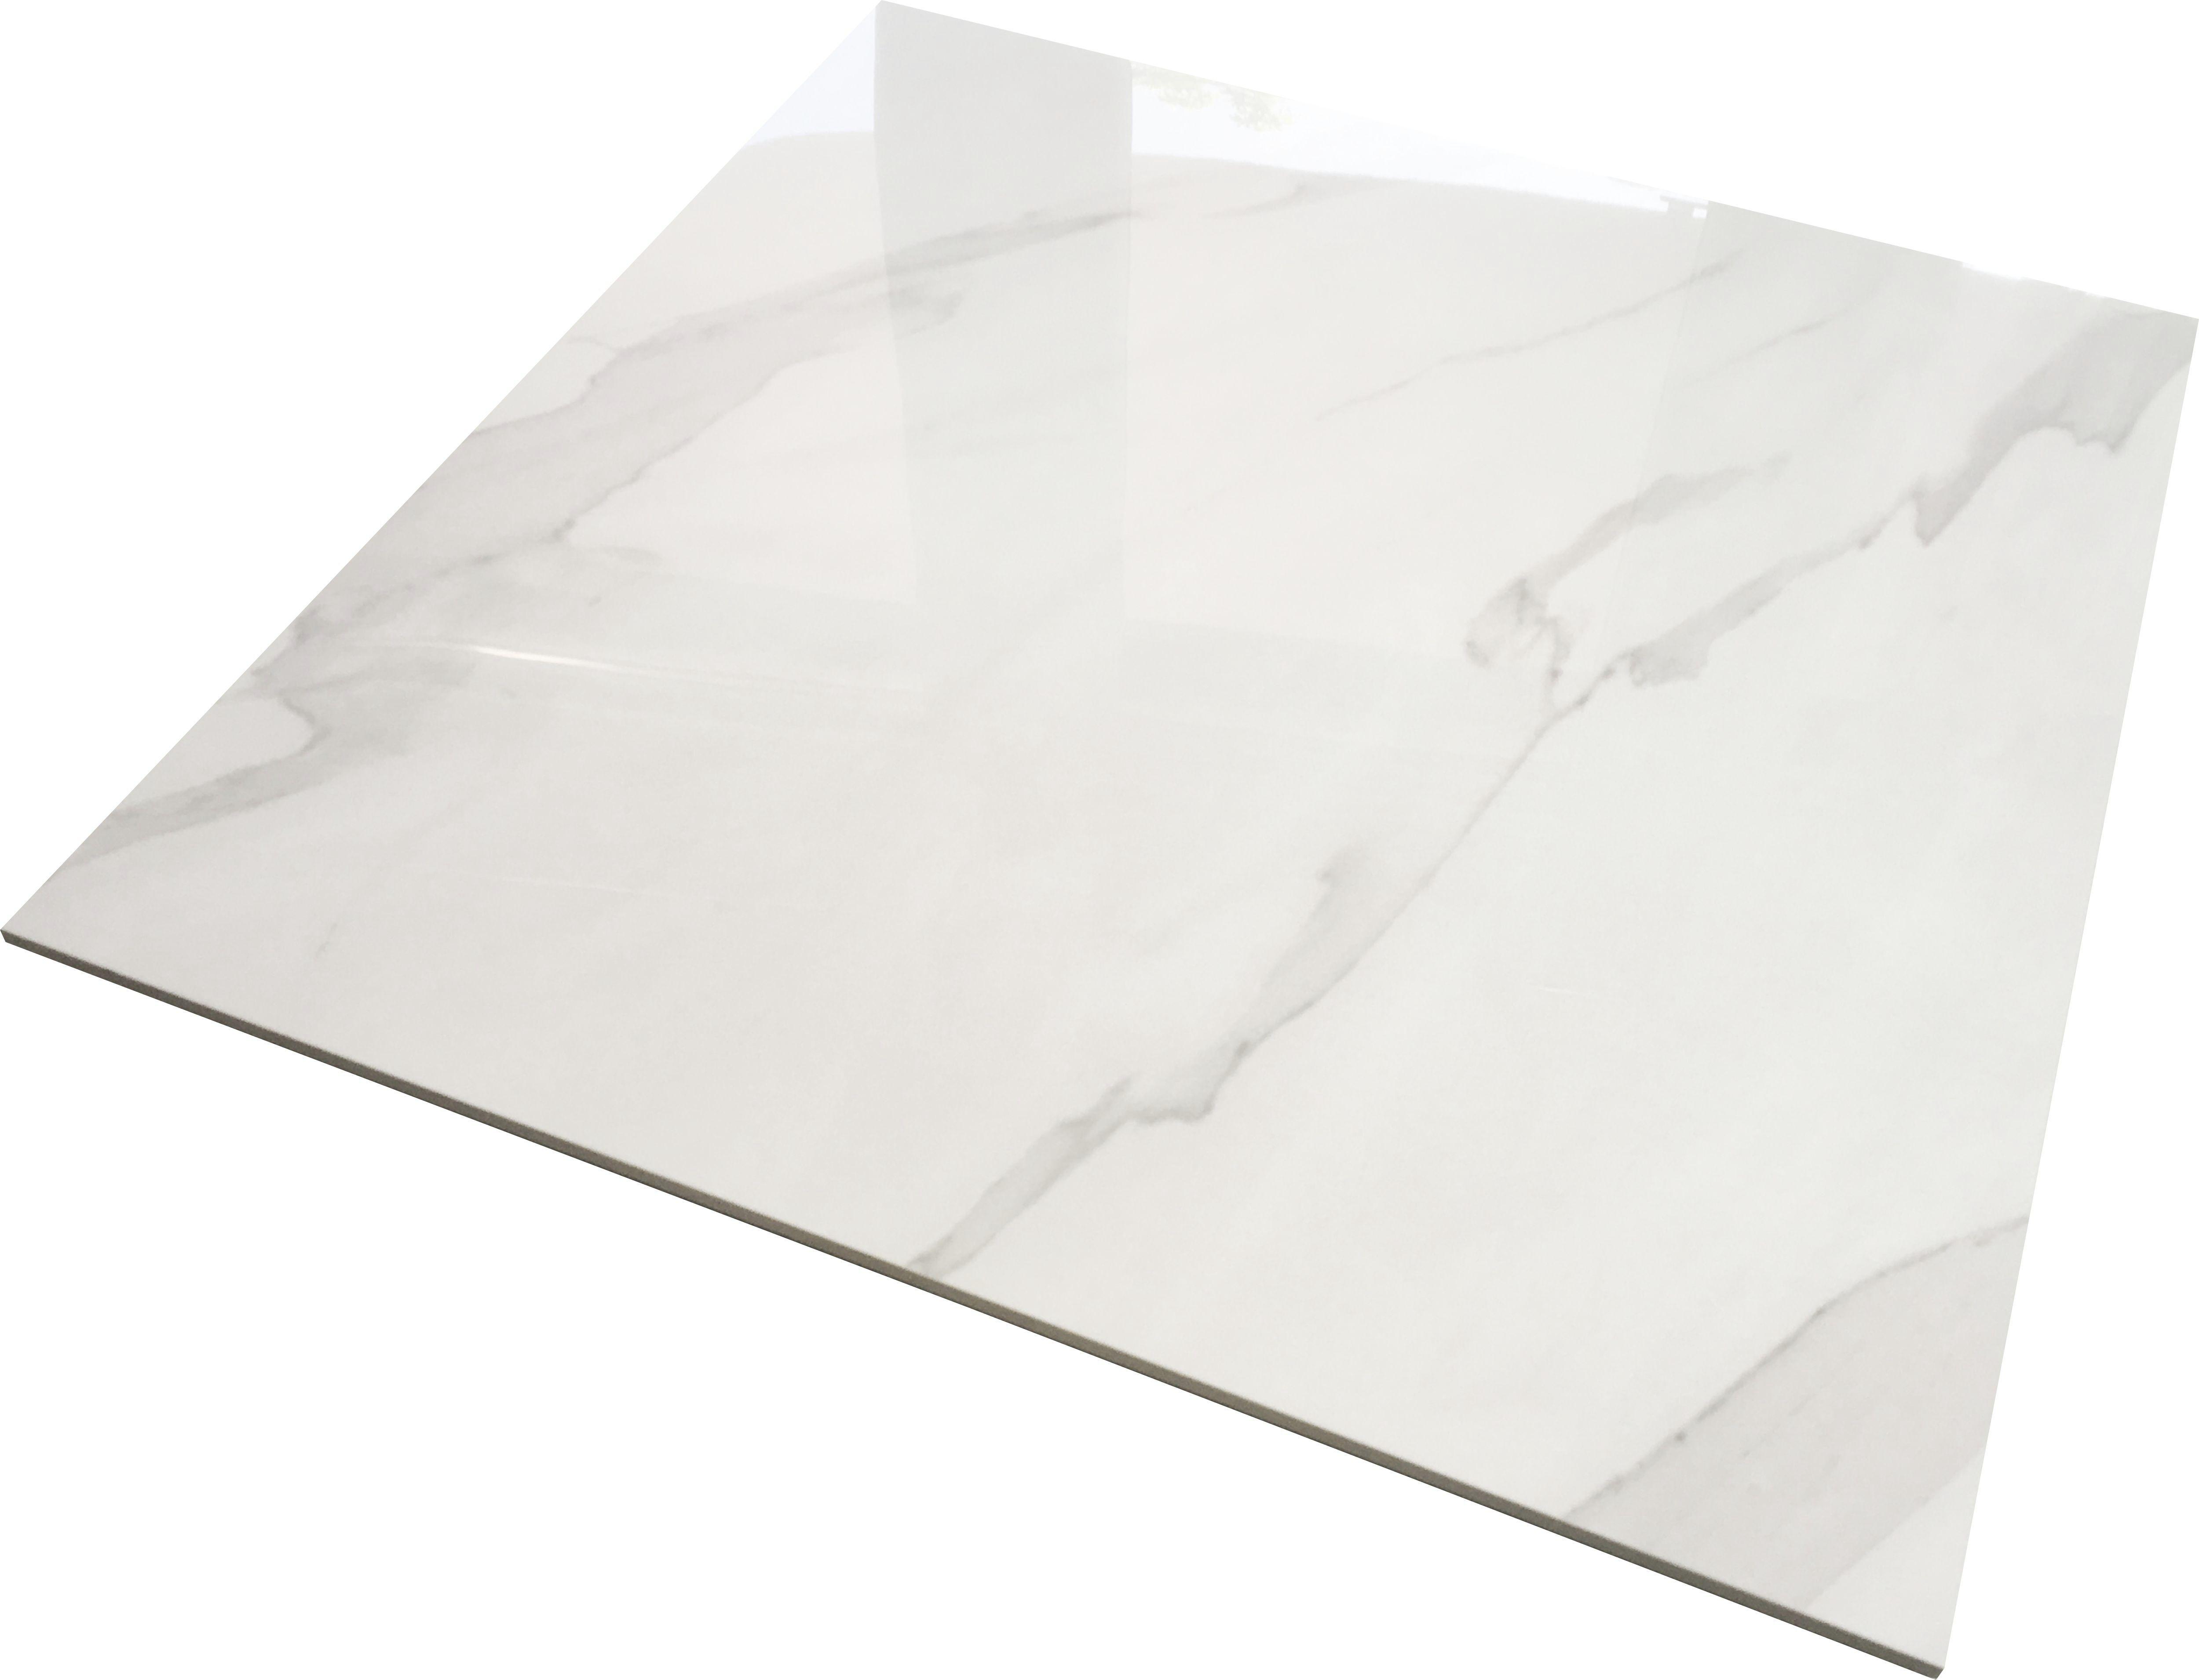 Gres Carrara 60x60 Polerowany 8900m2 Imitujący Biały Marmur